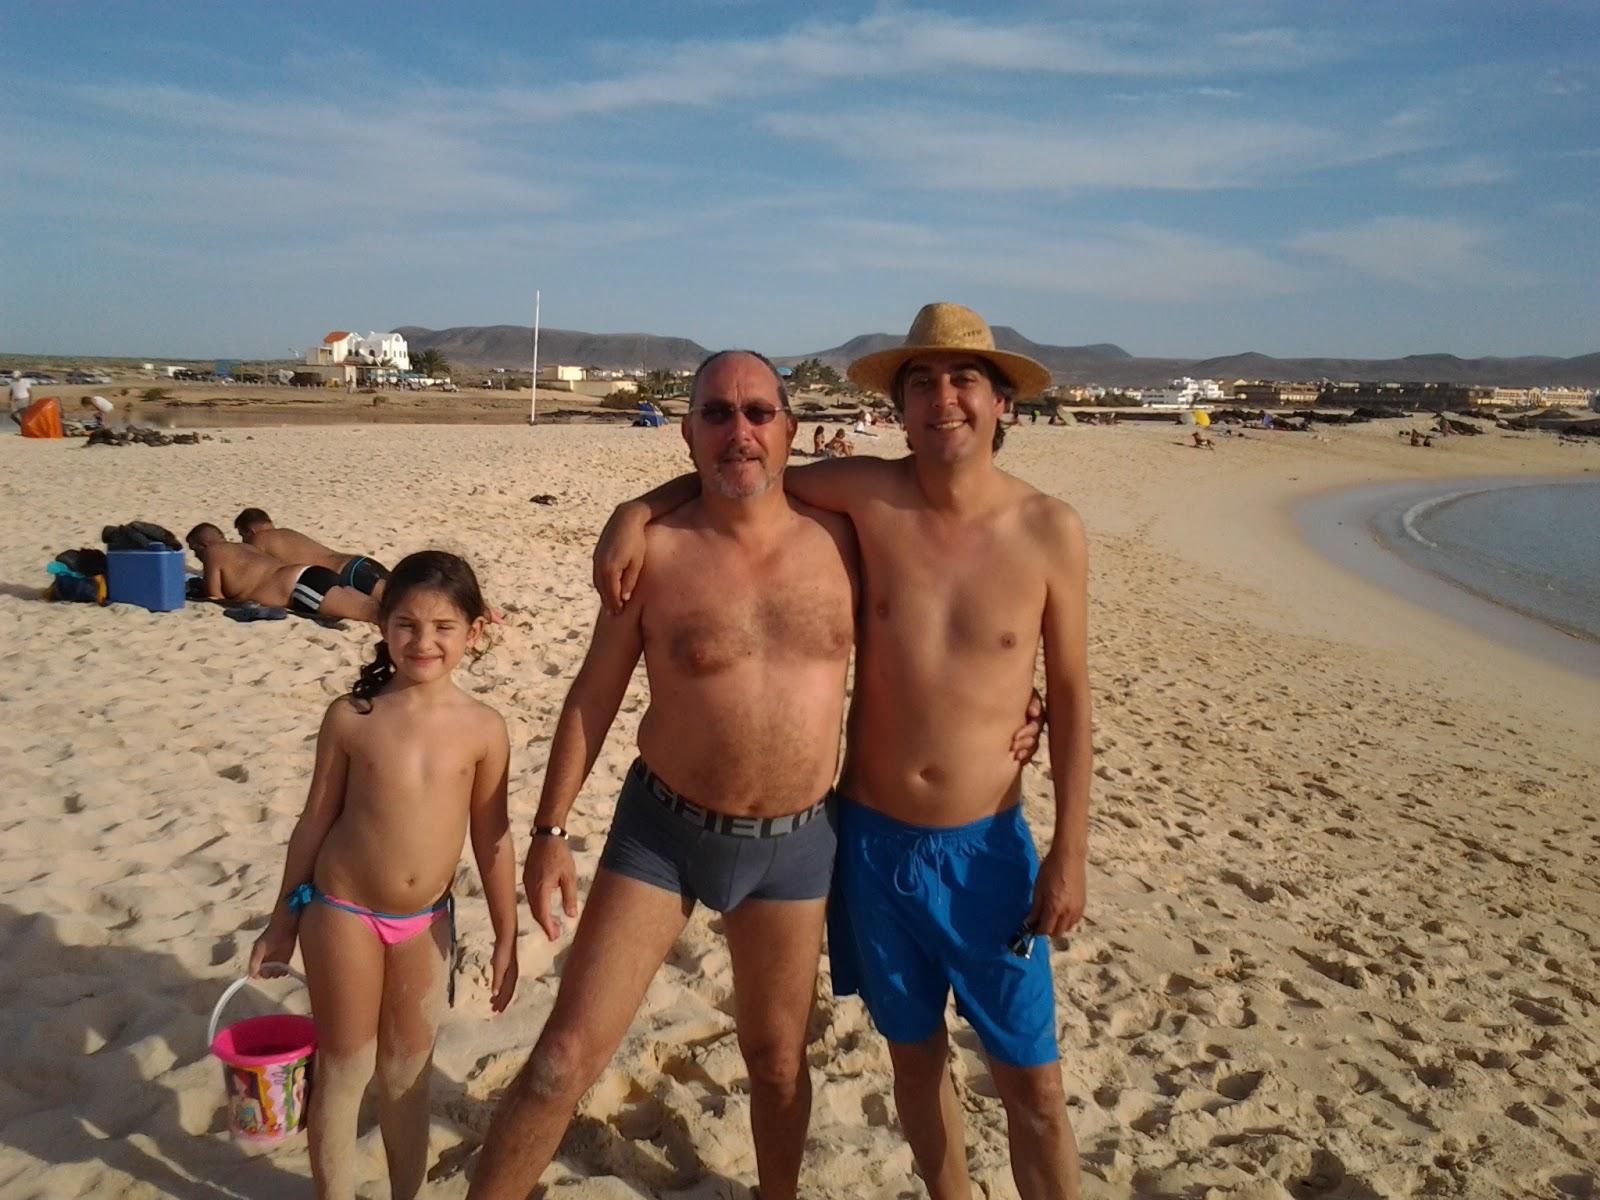 Nudismo Familiar Playas Nudistas en Venezuela